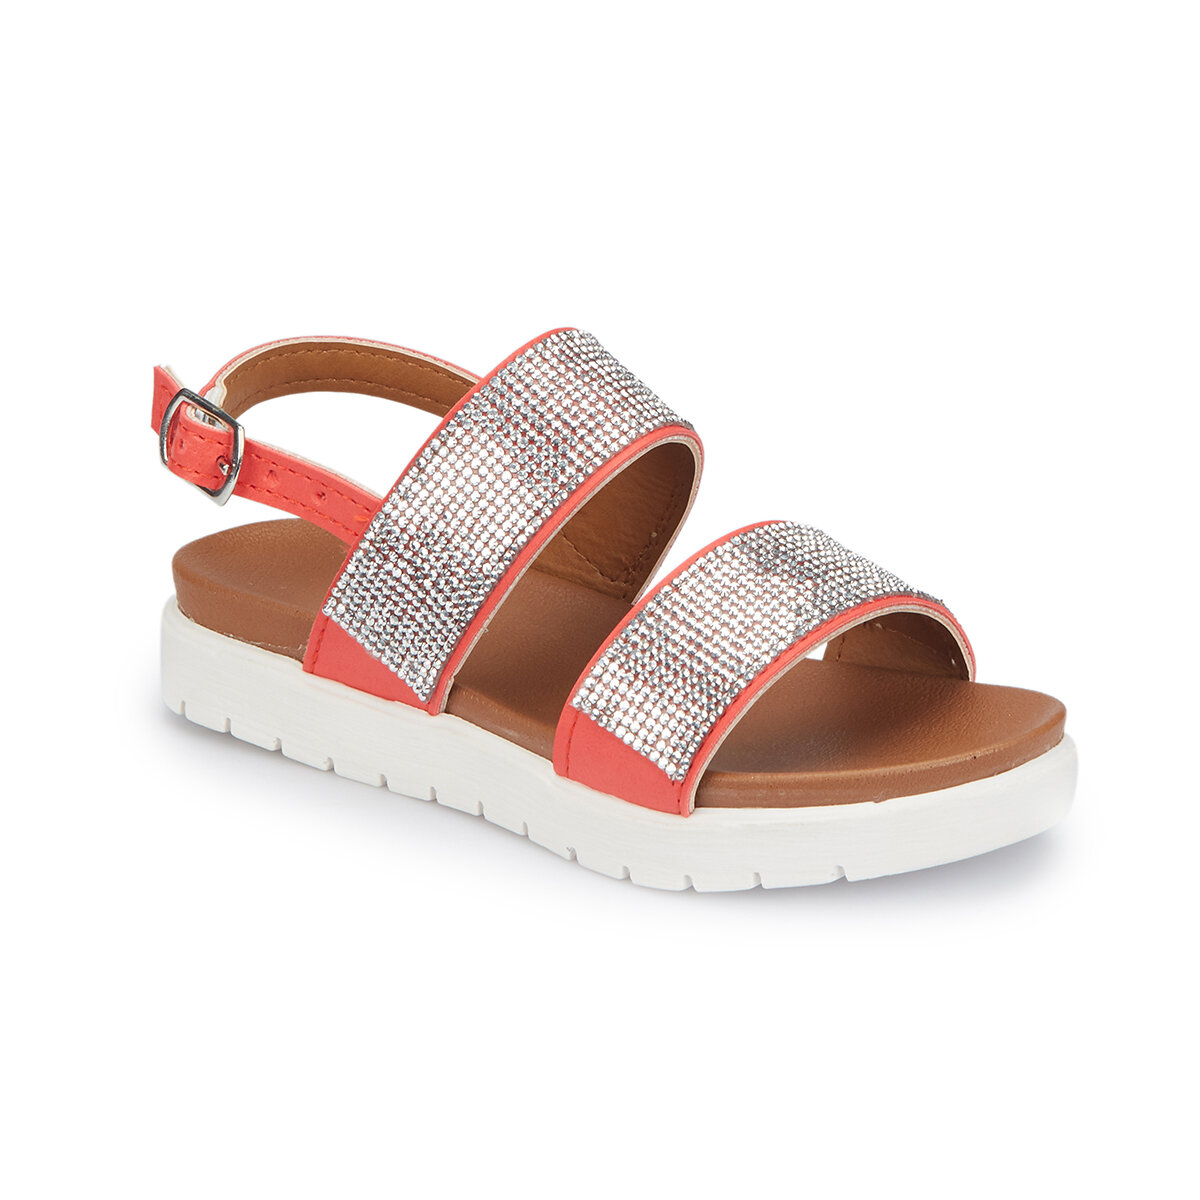 FLO 81.510035.P Coral Female Child Sandals Polaris